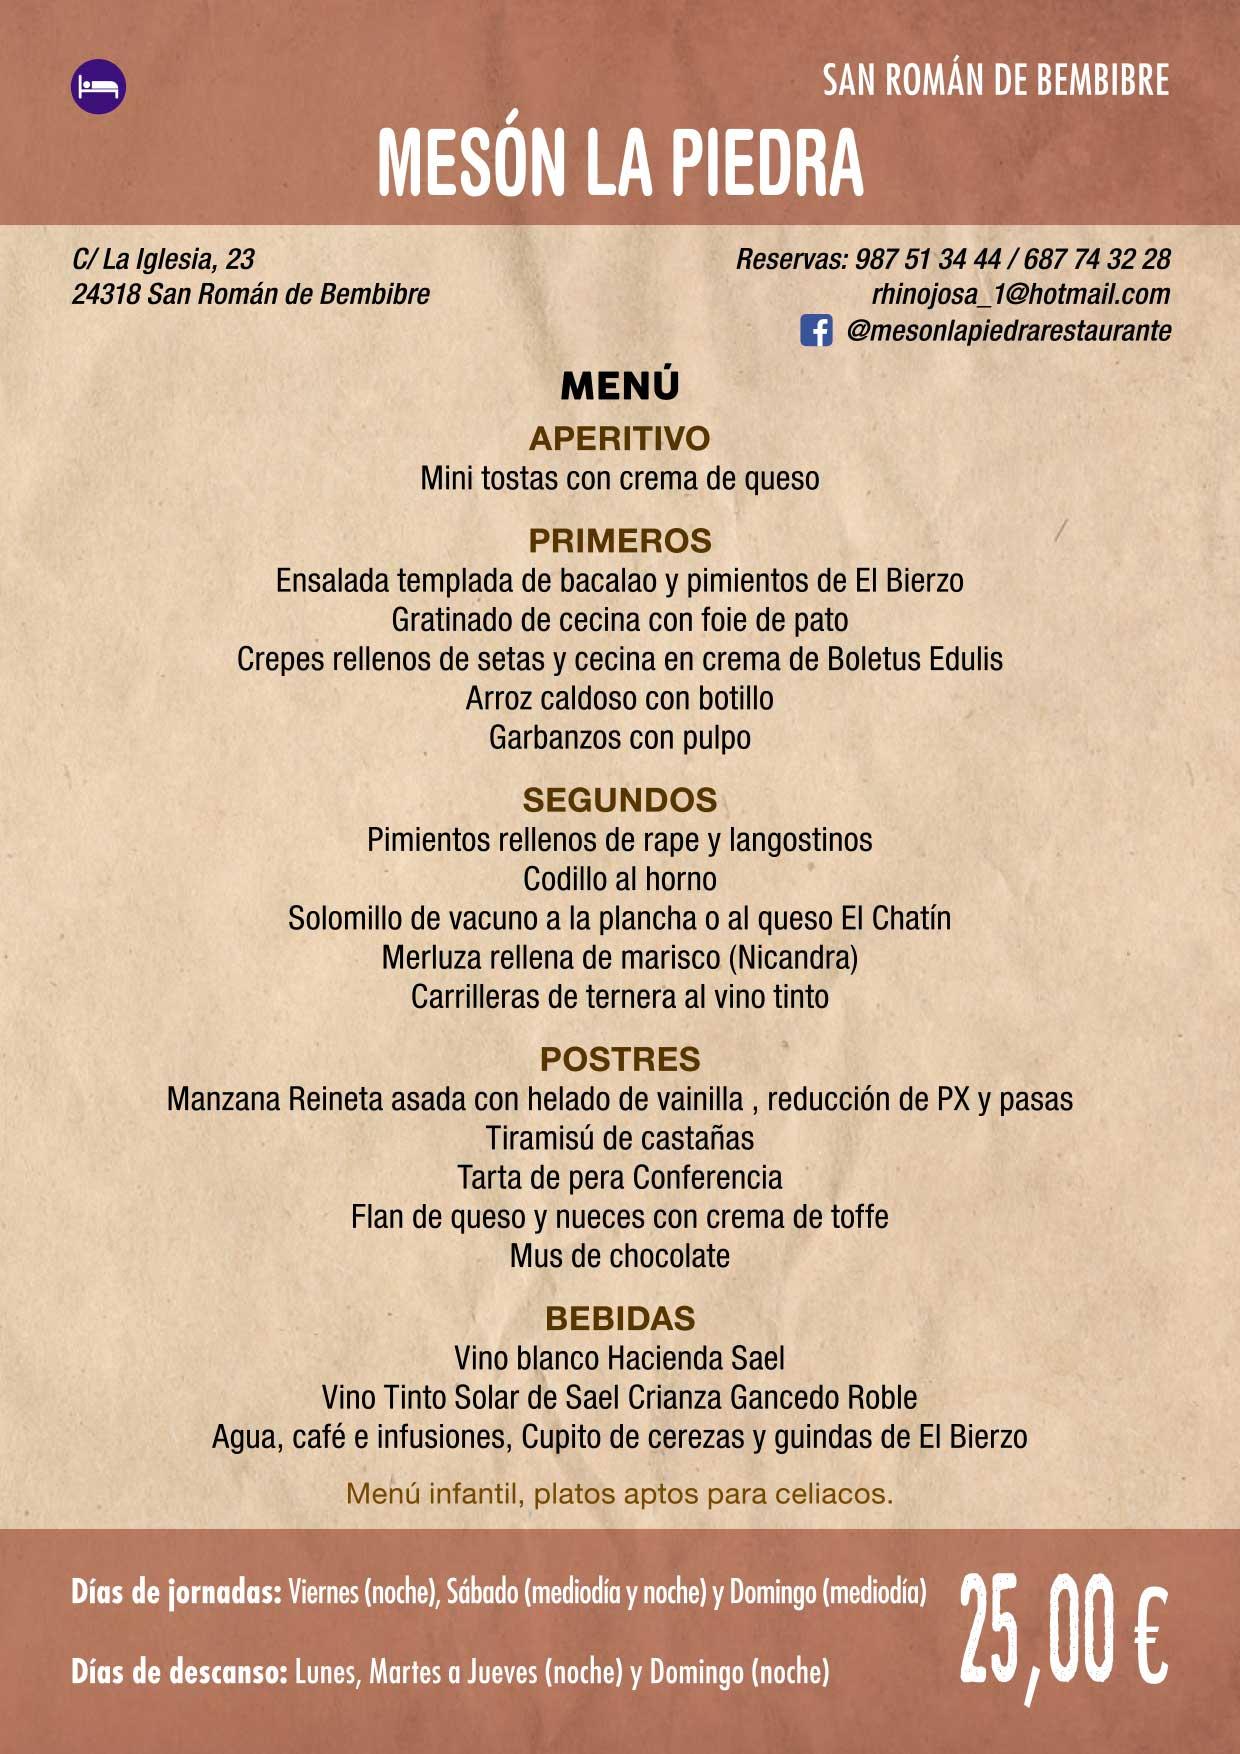 XXXVI Jornadas Gastronómicas De El Bierzo 2020. Consulta los restaurantes y menús 27